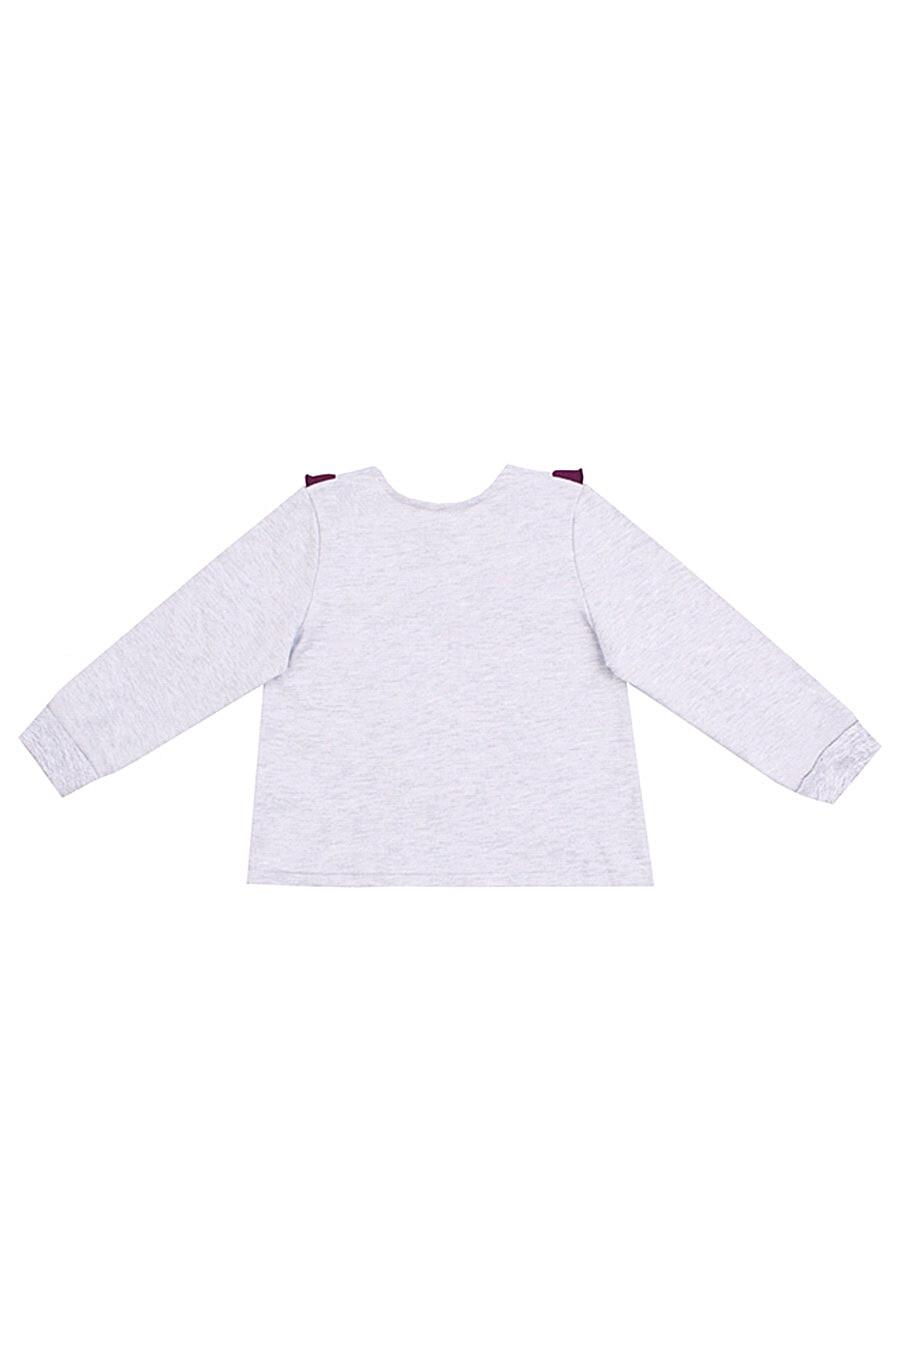 Джемпер для девочек Archi 130827 купить оптом от производителя. Совместная покупка детской одежды в OptMoyo